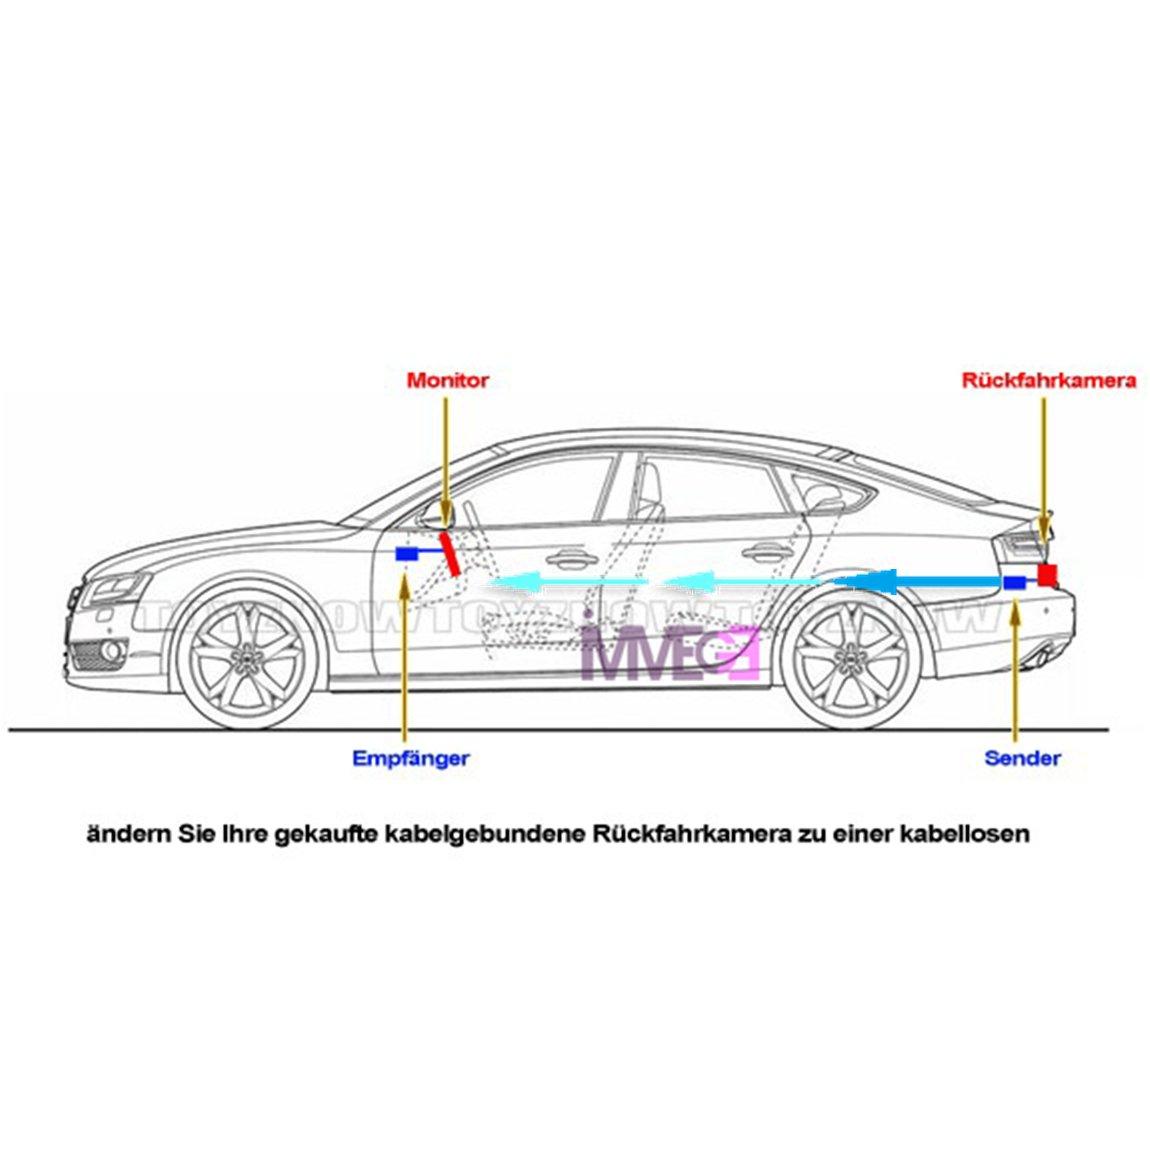 2,4 GHz RÜCKFAHRKAMERA FUNK TRANSMITTER SENDER + EMPFÄNGER ANTENNE + ...